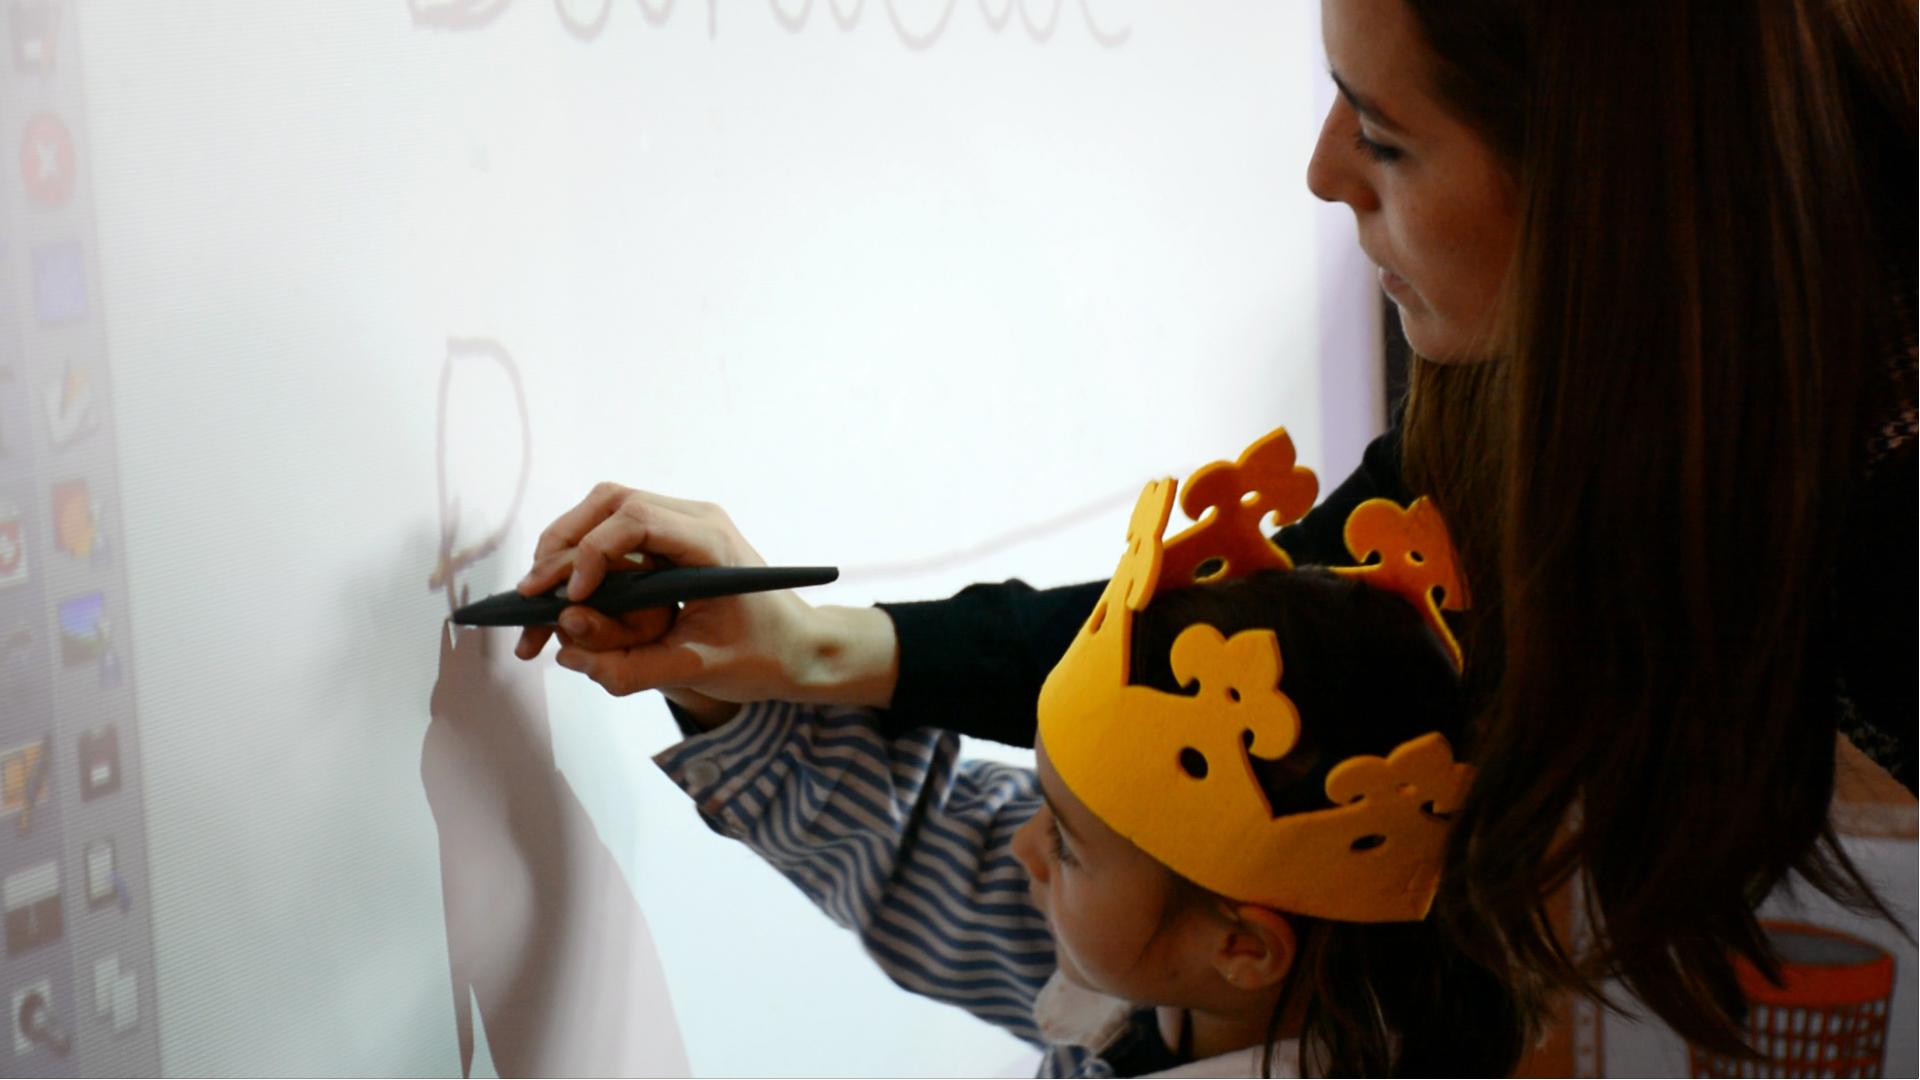 Estudiante del ciclo superior de educación infantil enseñando a un alumno a pintar en la pizarra digital